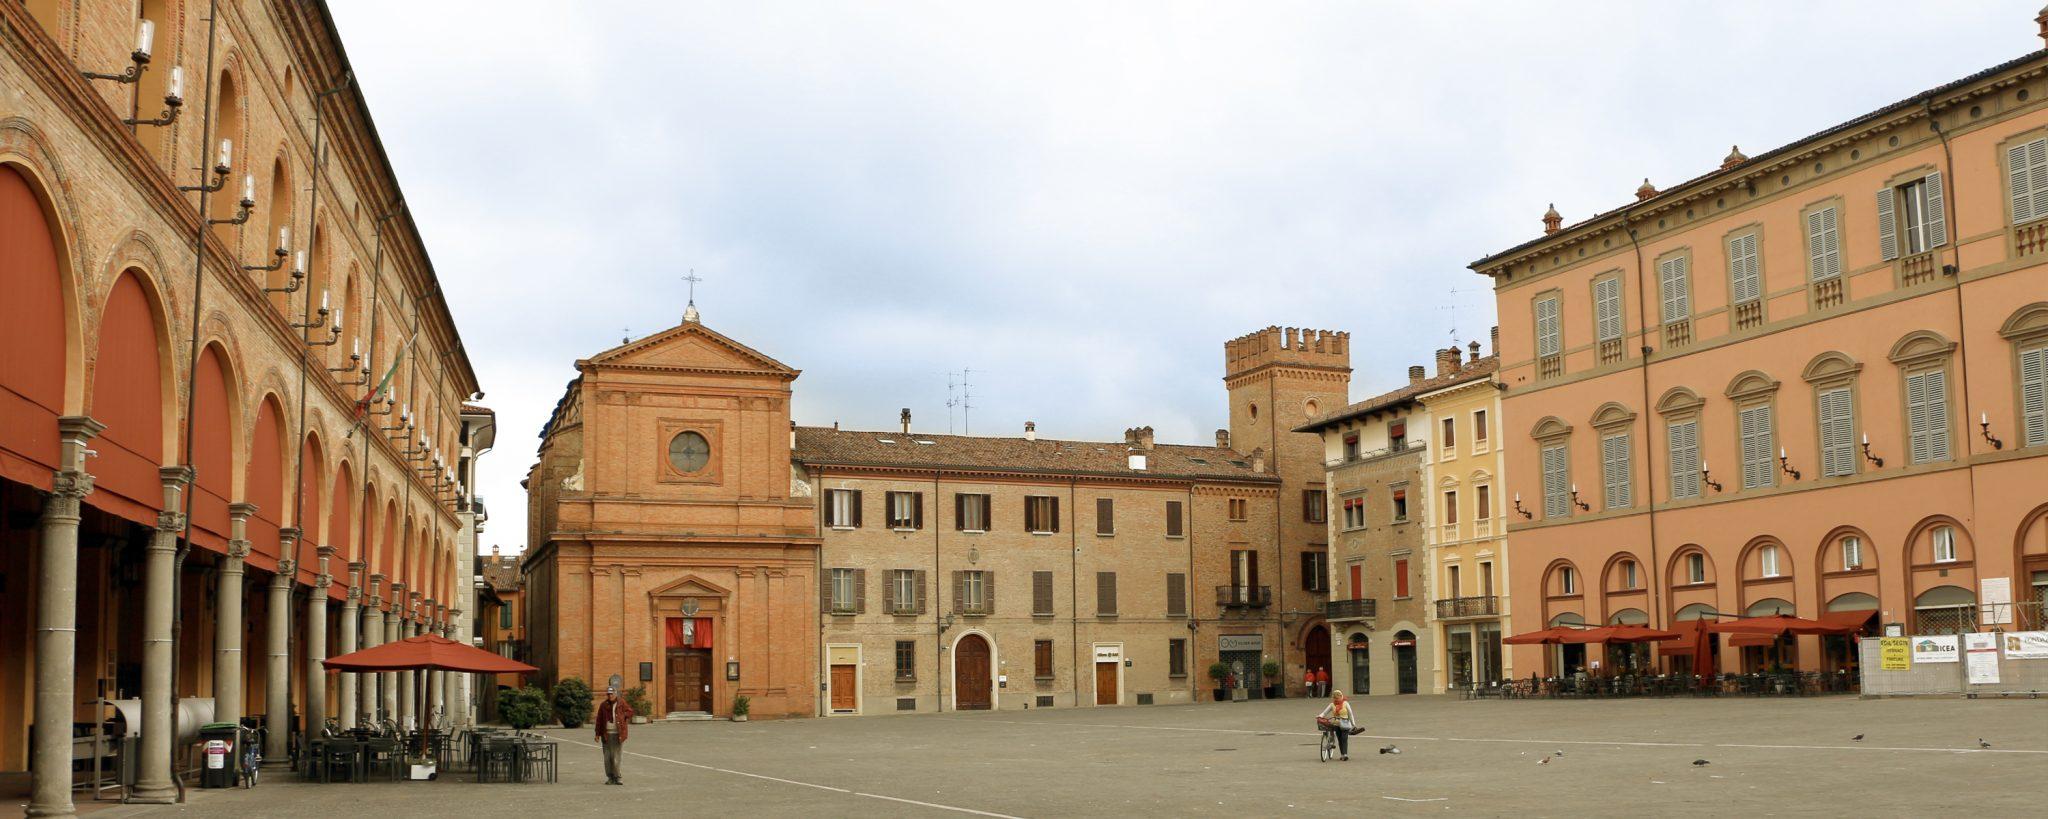 Piazza di Imola